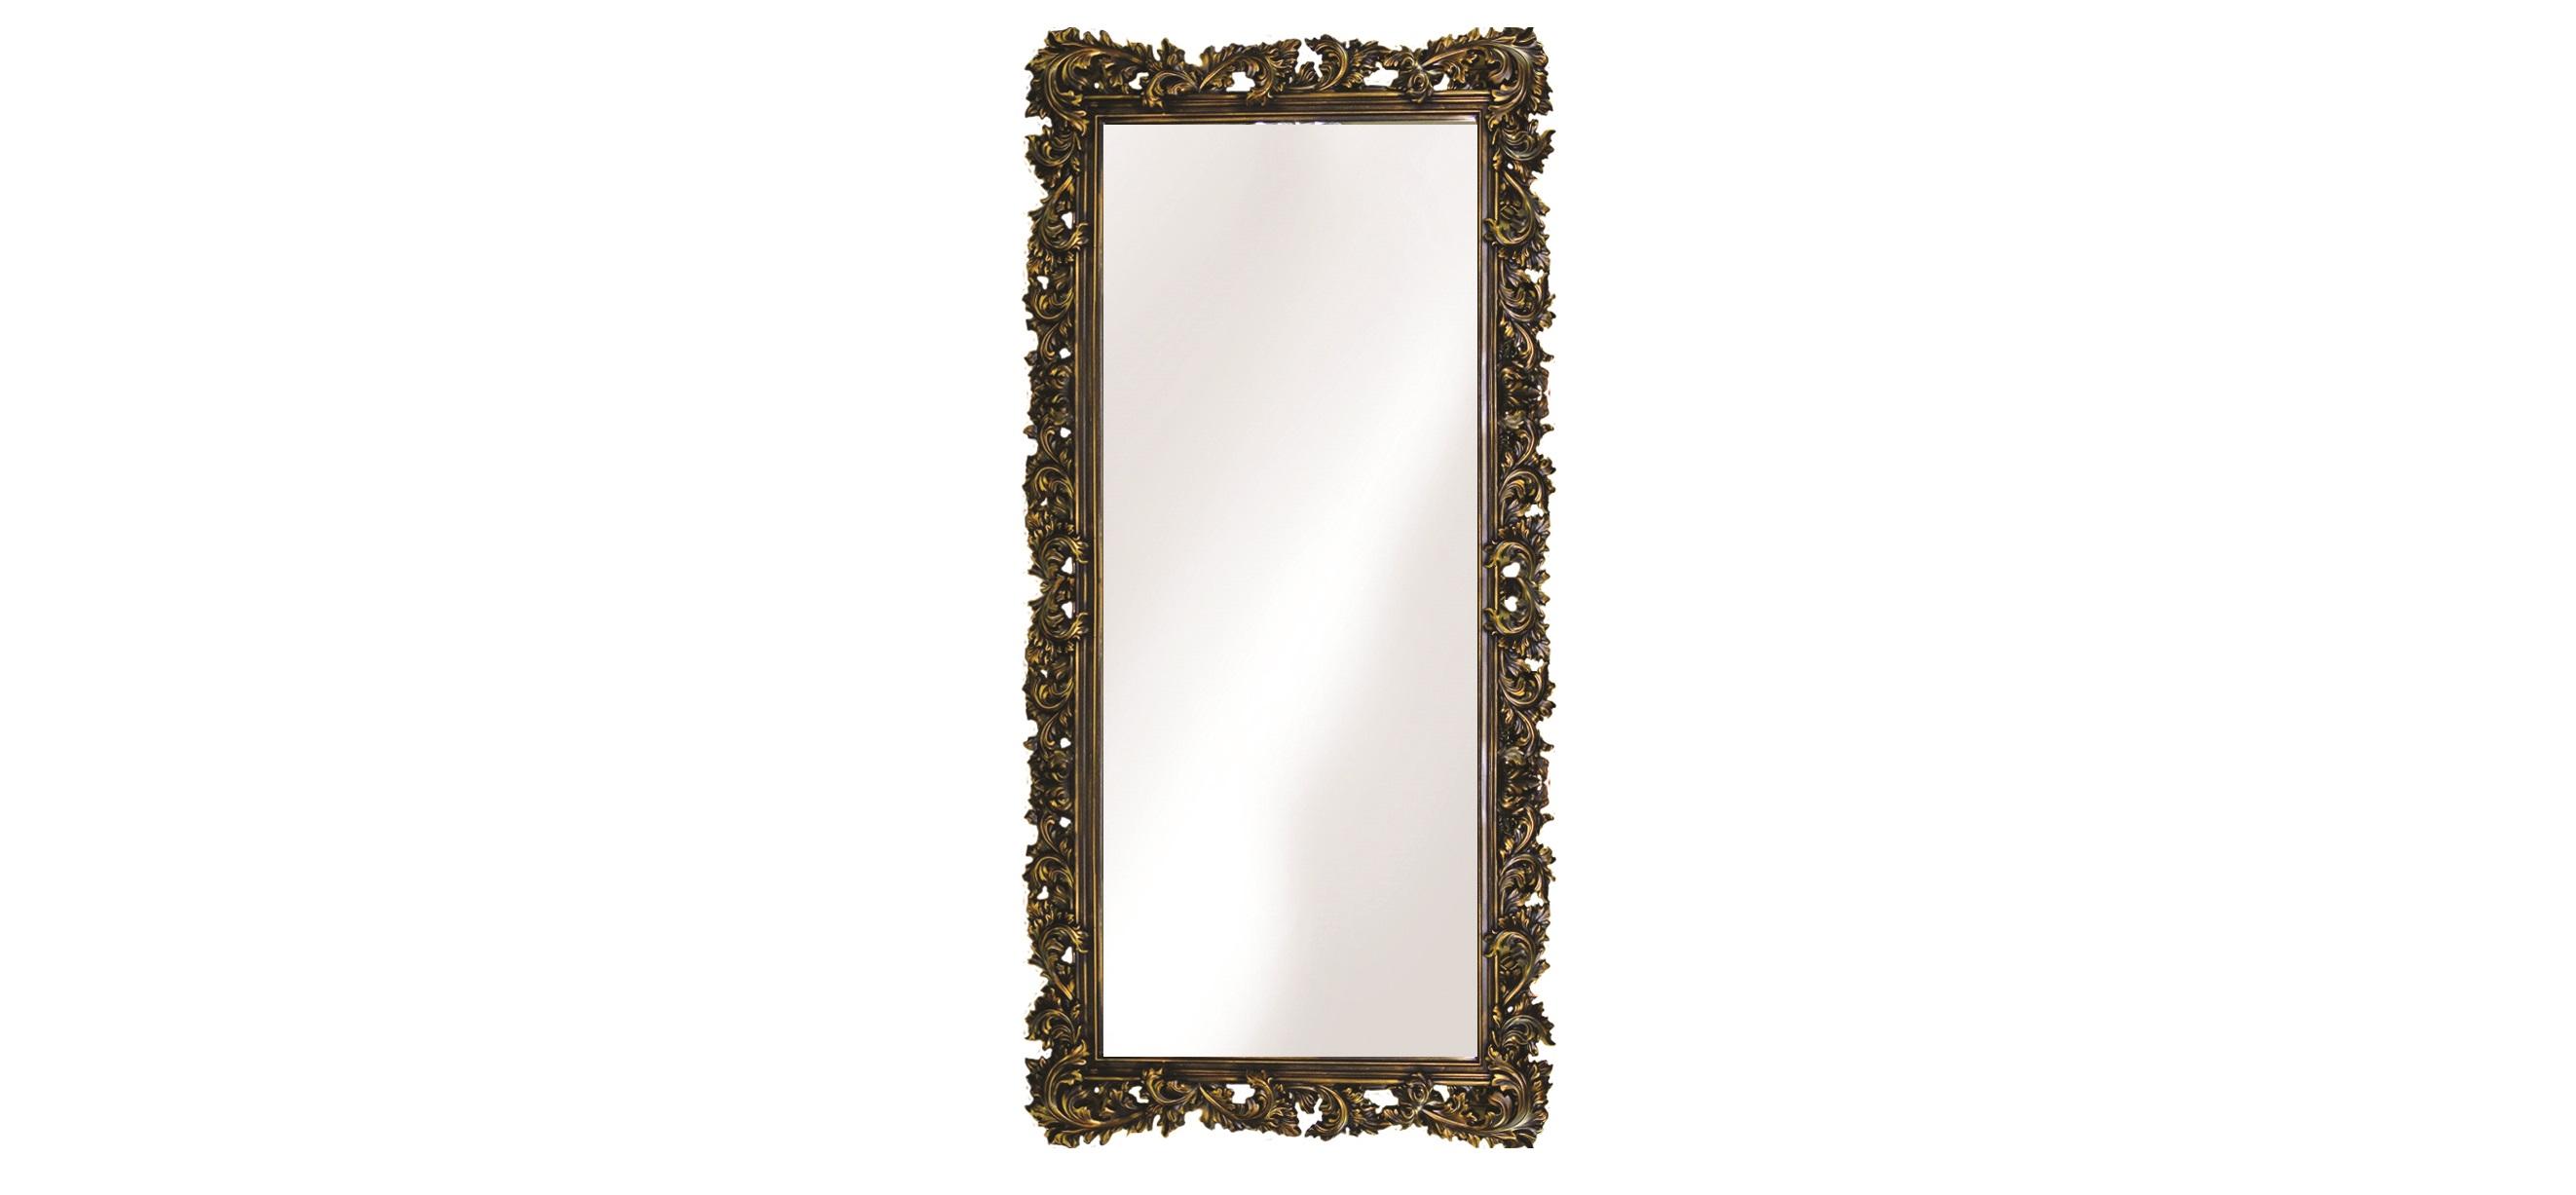 Большое зеркало в резном багетеНастенные зеркала<br>&amp;lt;div&amp;gt;Зеркало &amp;quot;во весь рост&amp;quot; — важный атрибут любого дома. А для интерьера в стиле неоклассика, французский шик или строгая Англия оно должно быть особенным. Резная рама — как подлинник искусства, со сложным окрашиванием и непременным винтажным эффектом. Багет изготовлен из современного пенополиуретана, очень прочного композита, имитирующего и древесину, и кованный металл. Используемые краски, воски и другие материалы экологически безопасны и не содержат токсичных примесей, не боятся влаги.&amp;lt;/div&amp;gt;&amp;lt;div&amp;gt;&amp;lt;br&amp;gt;&amp;lt;/div&amp;gt;&amp;lt;div&amp;gt;&amp;lt;div&amp;gt;Цвет:&amp;amp;nbsp;Венге Золото&amp;lt;/div&amp;gt;&amp;lt;/div&amp;gt;<br><br>Material: Полиуретан<br>Ширина см: 88<br>Высота см: 180<br>Глубина см: 4